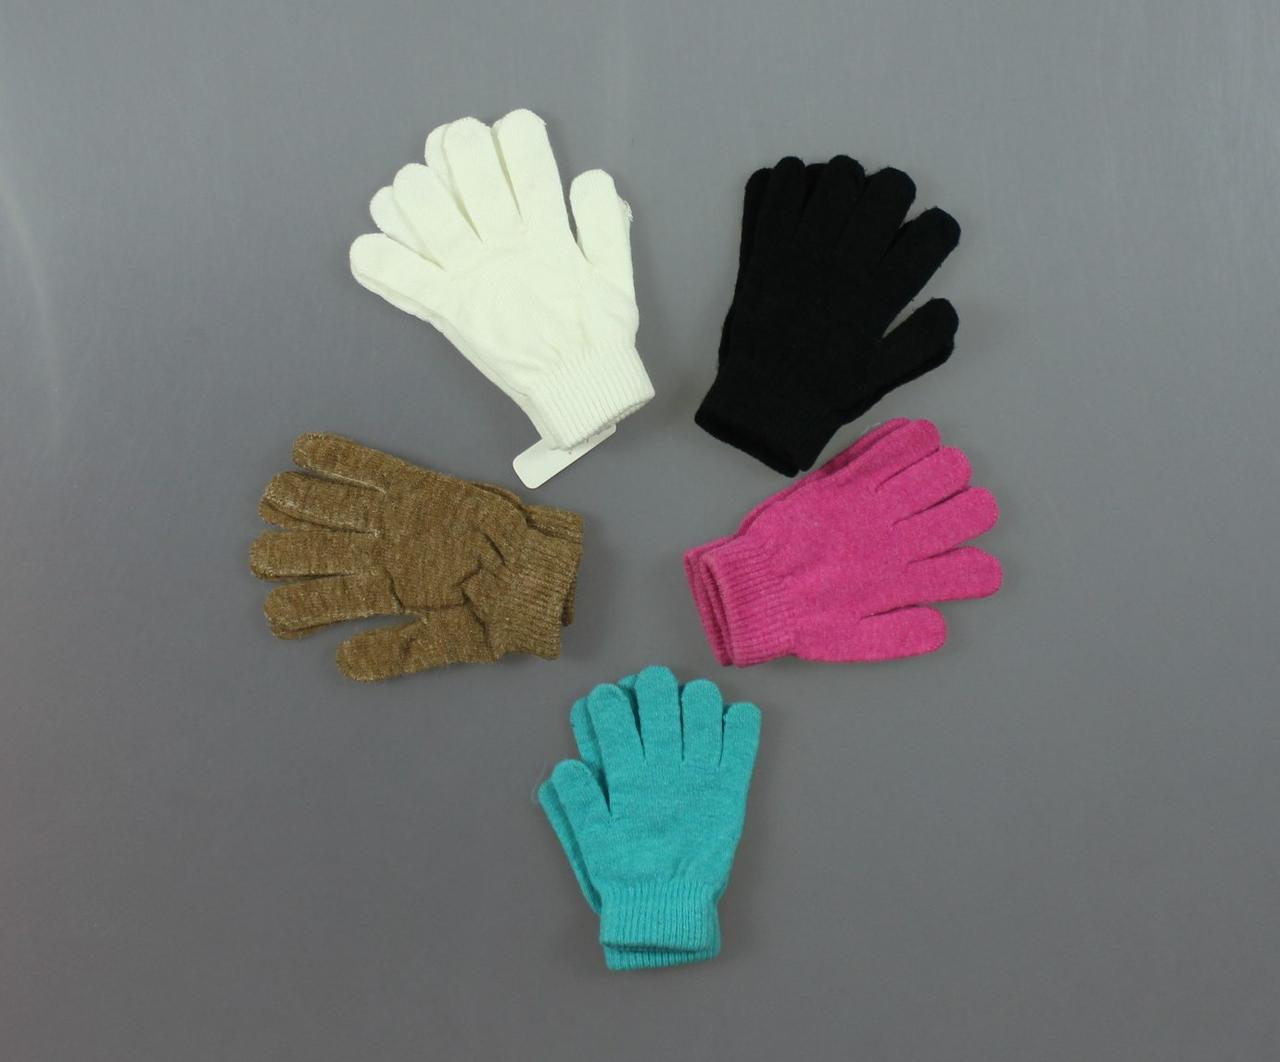 {есть:один размер} Перчатки детские для детей. Артикул: GN14 [один размер]